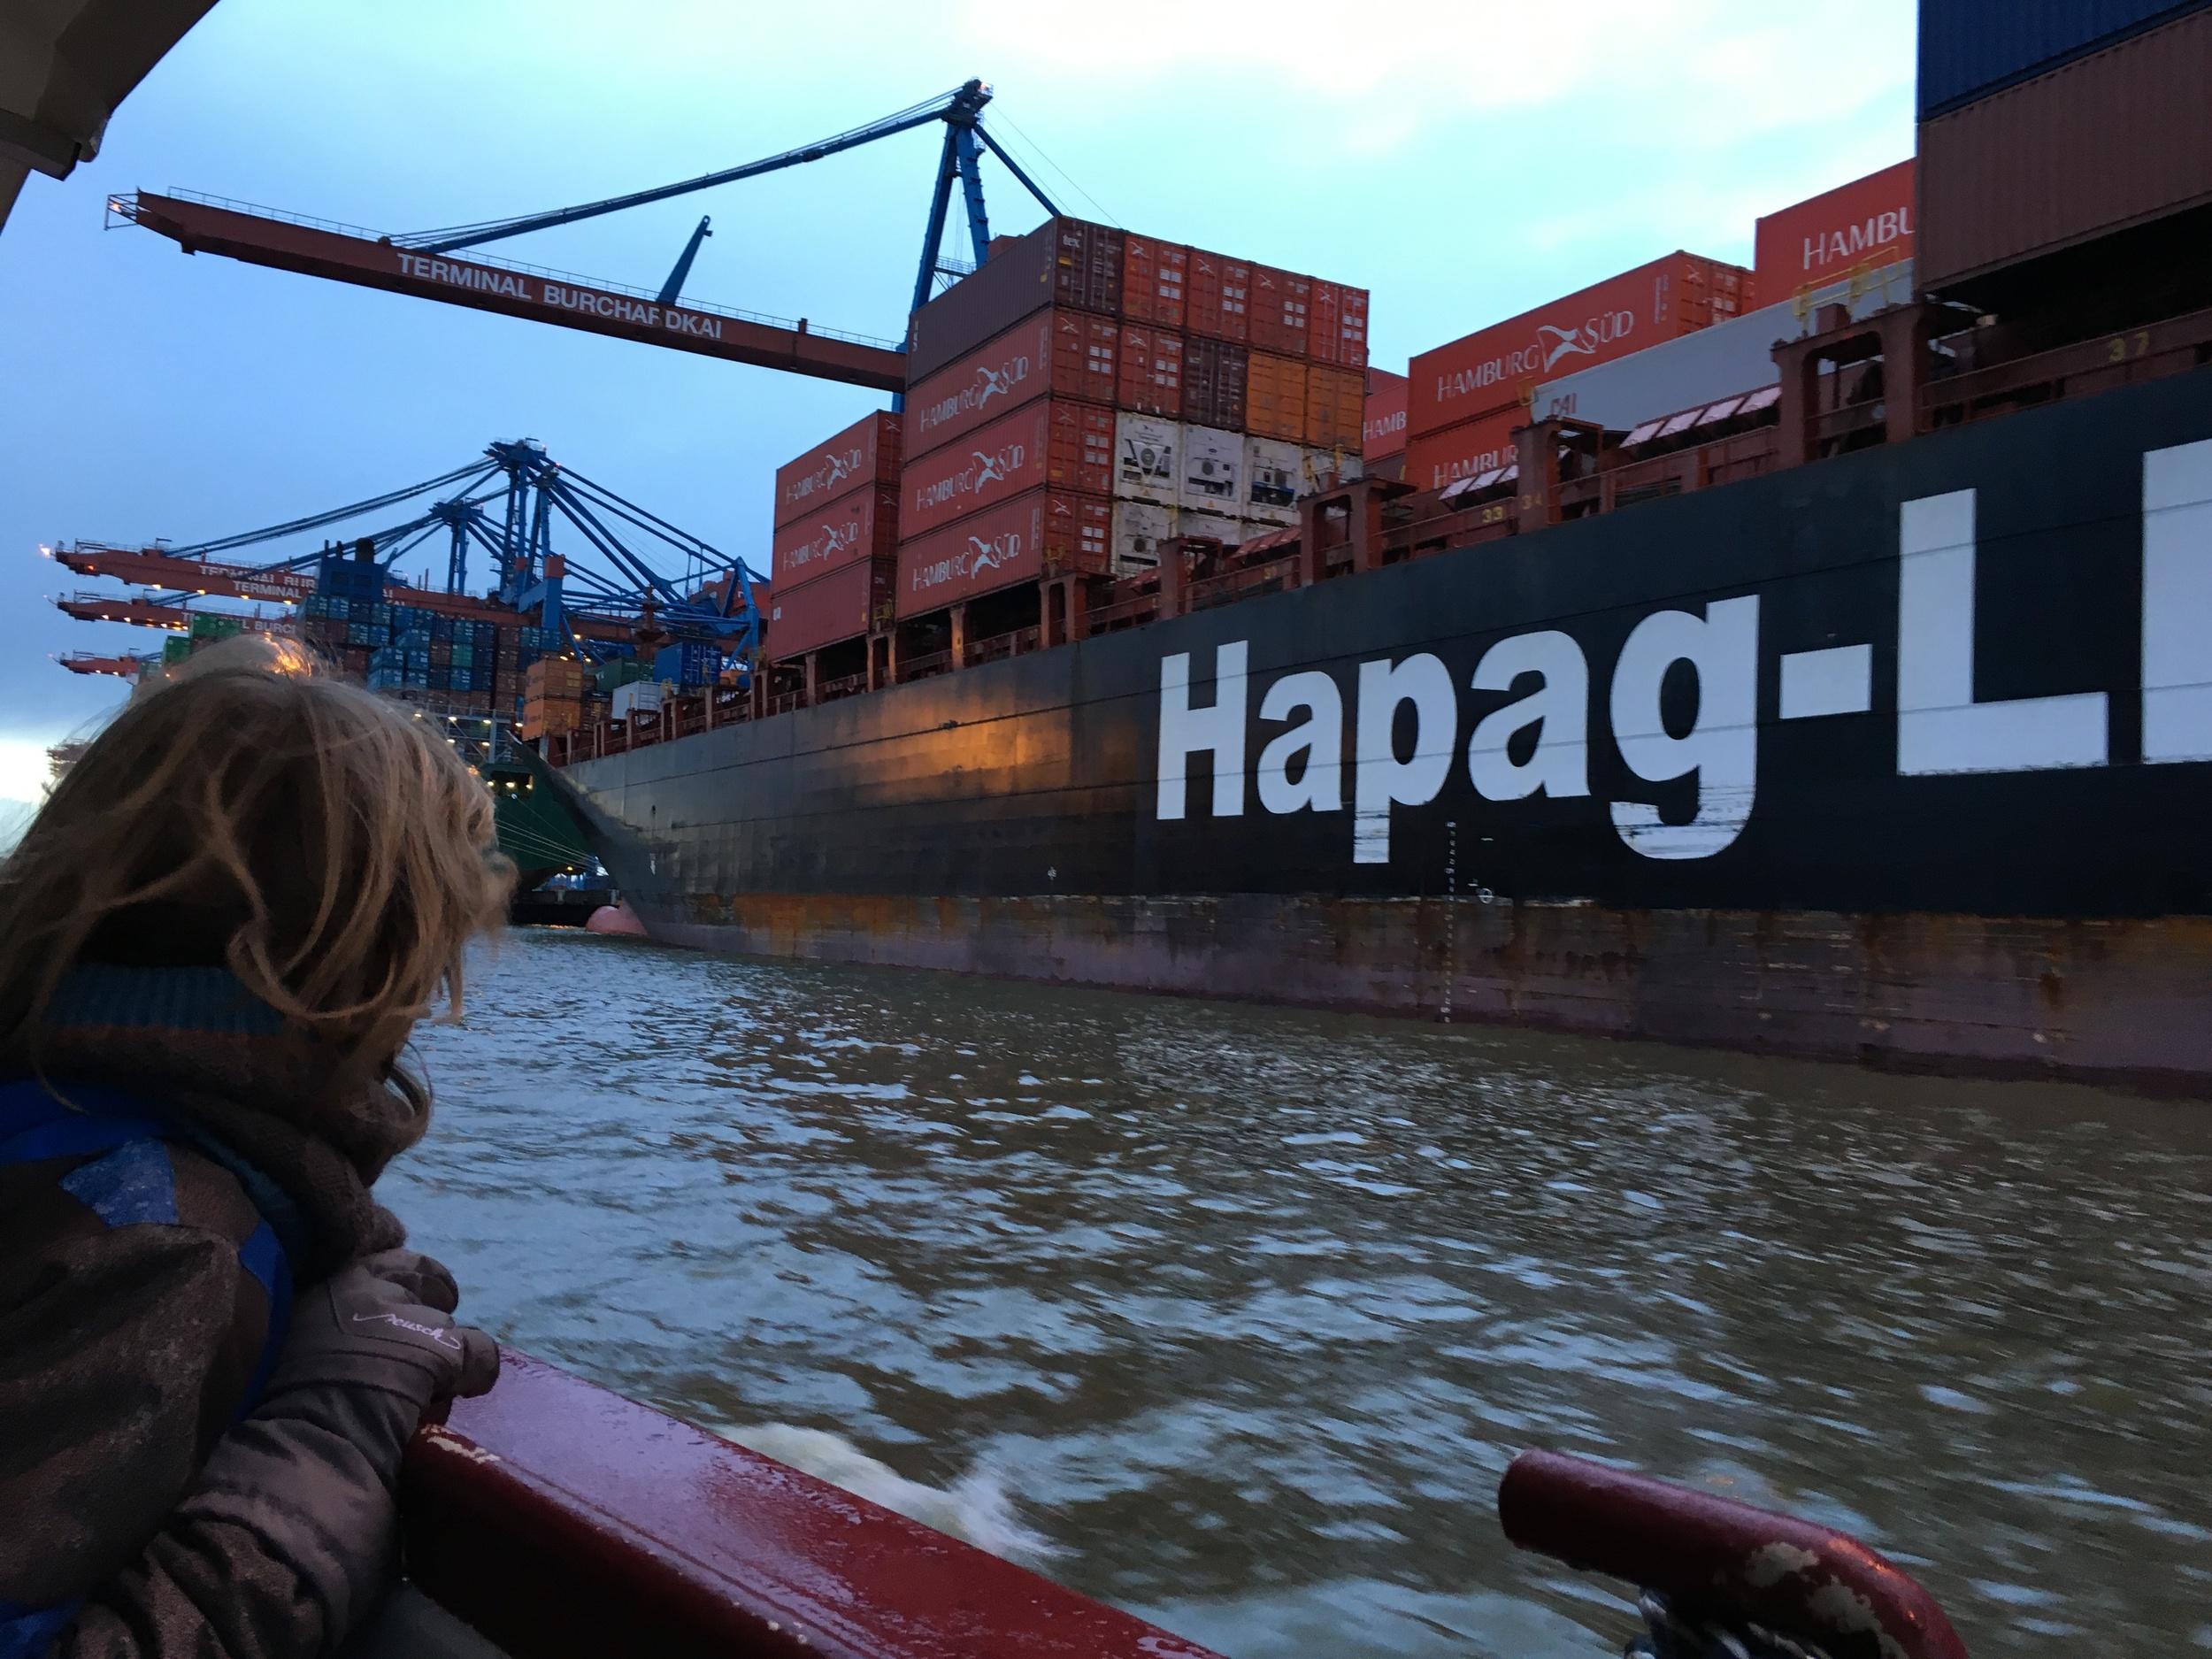 En el muelle pudimos apreciar los   colosales barcos mercantes; que pueden cargar y descargar hasta diecinueve mil contenedores. Foto: Bruny Nieves.